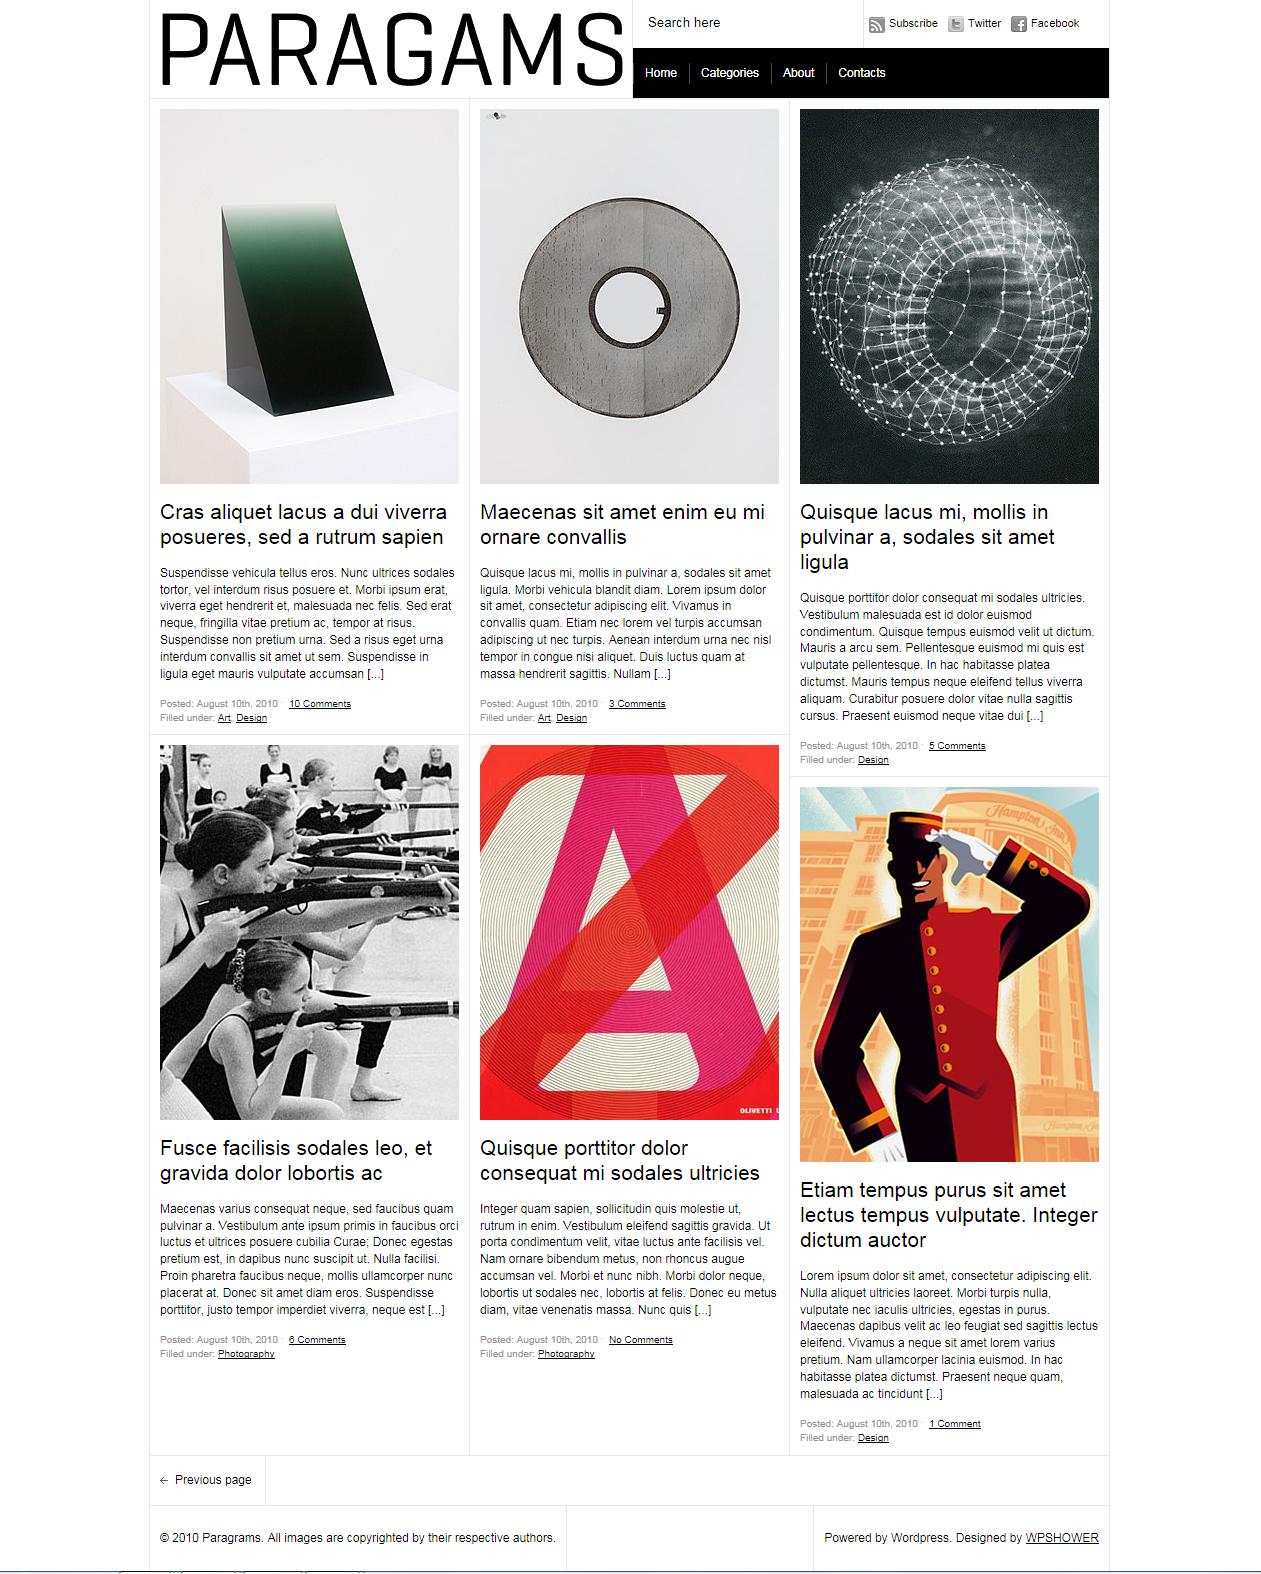 Paragrams - минималистичная тема для блога с изображениями